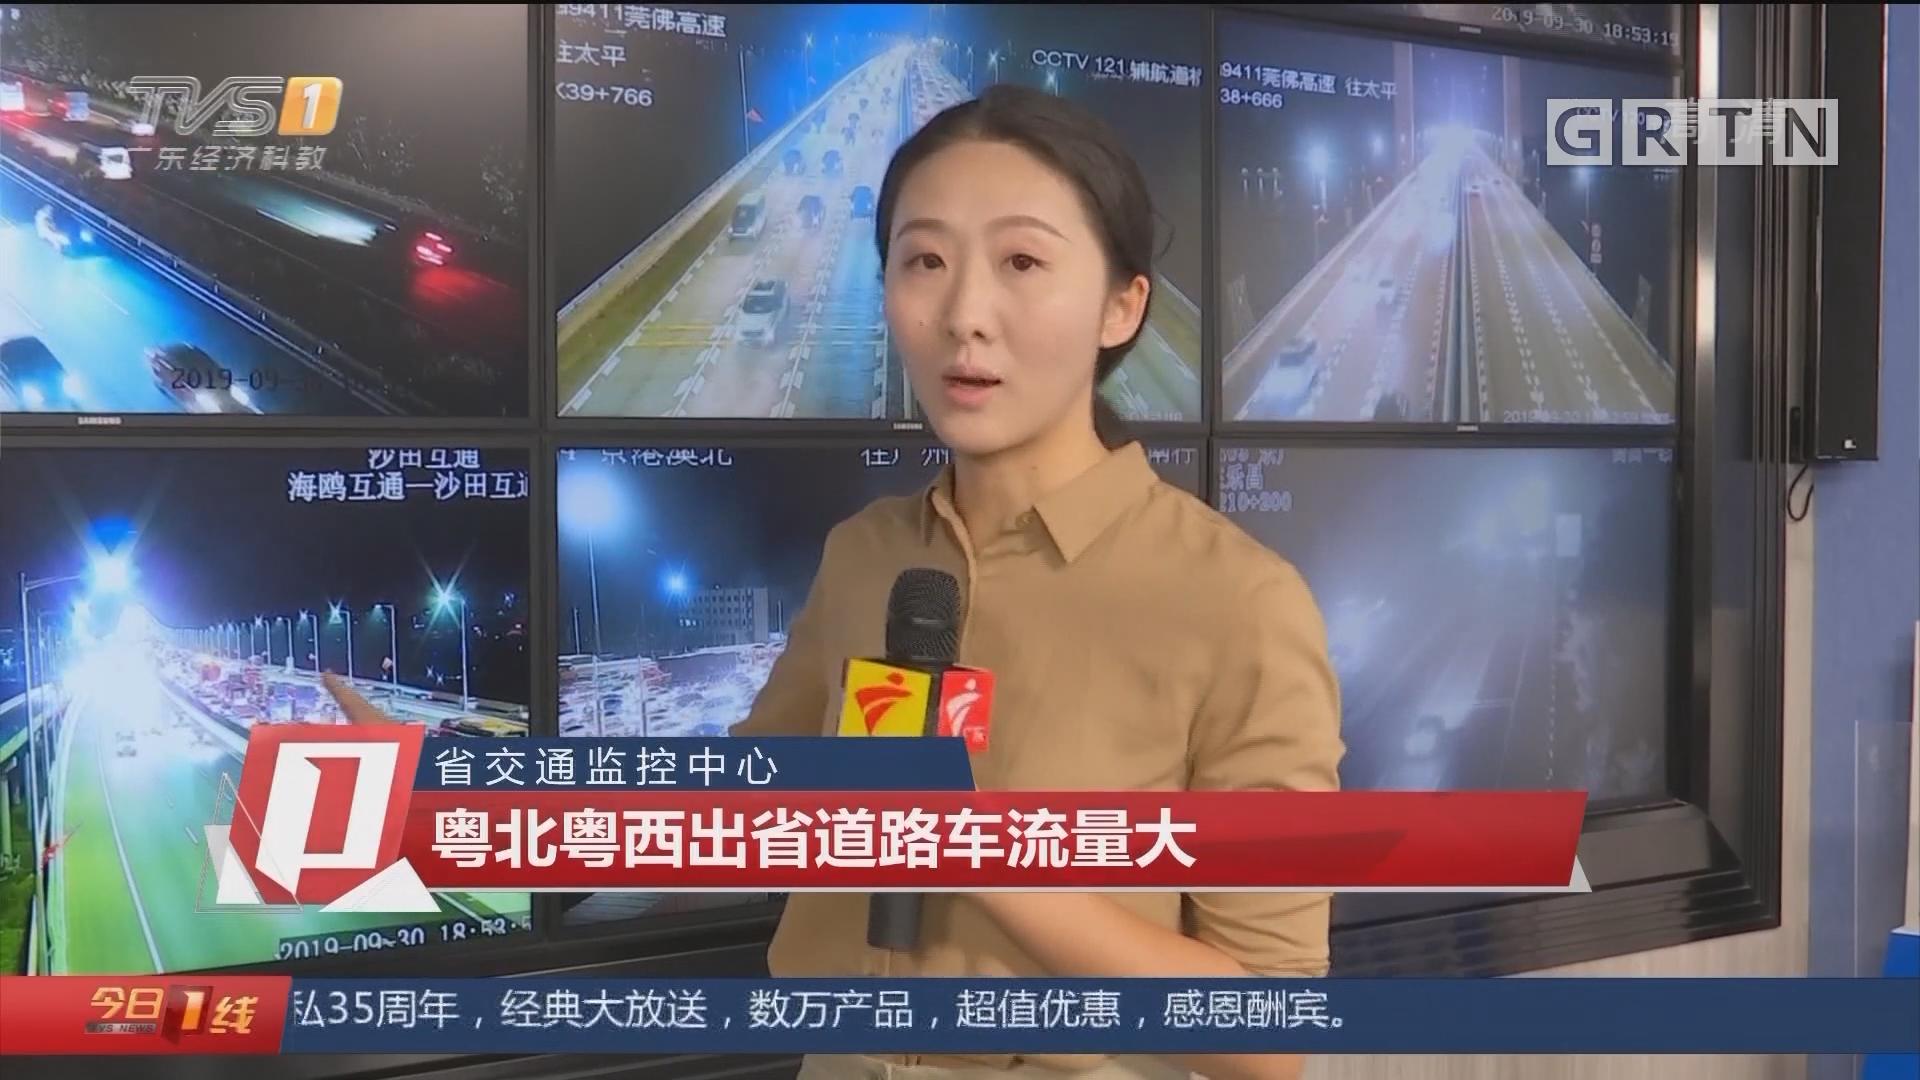 省交通监控中心:粤北粤西出省道路车流量大